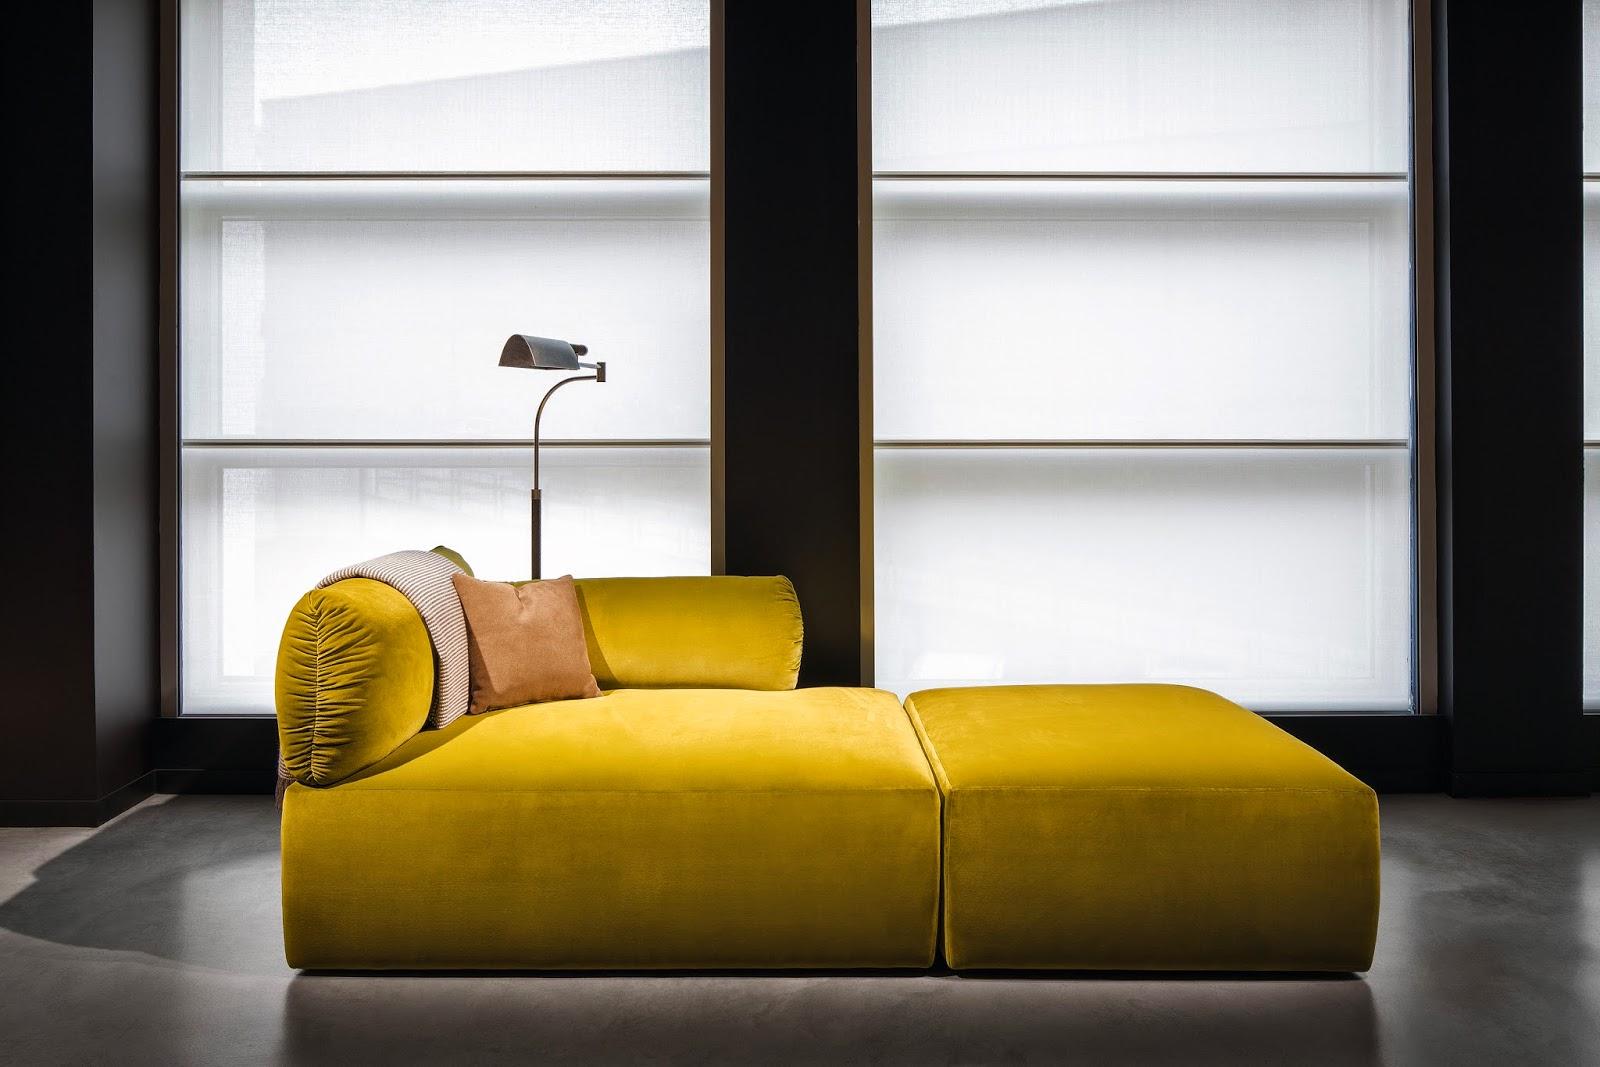 Bottega Veneta Launches 2014 Home Collection at Salone Del Mobile